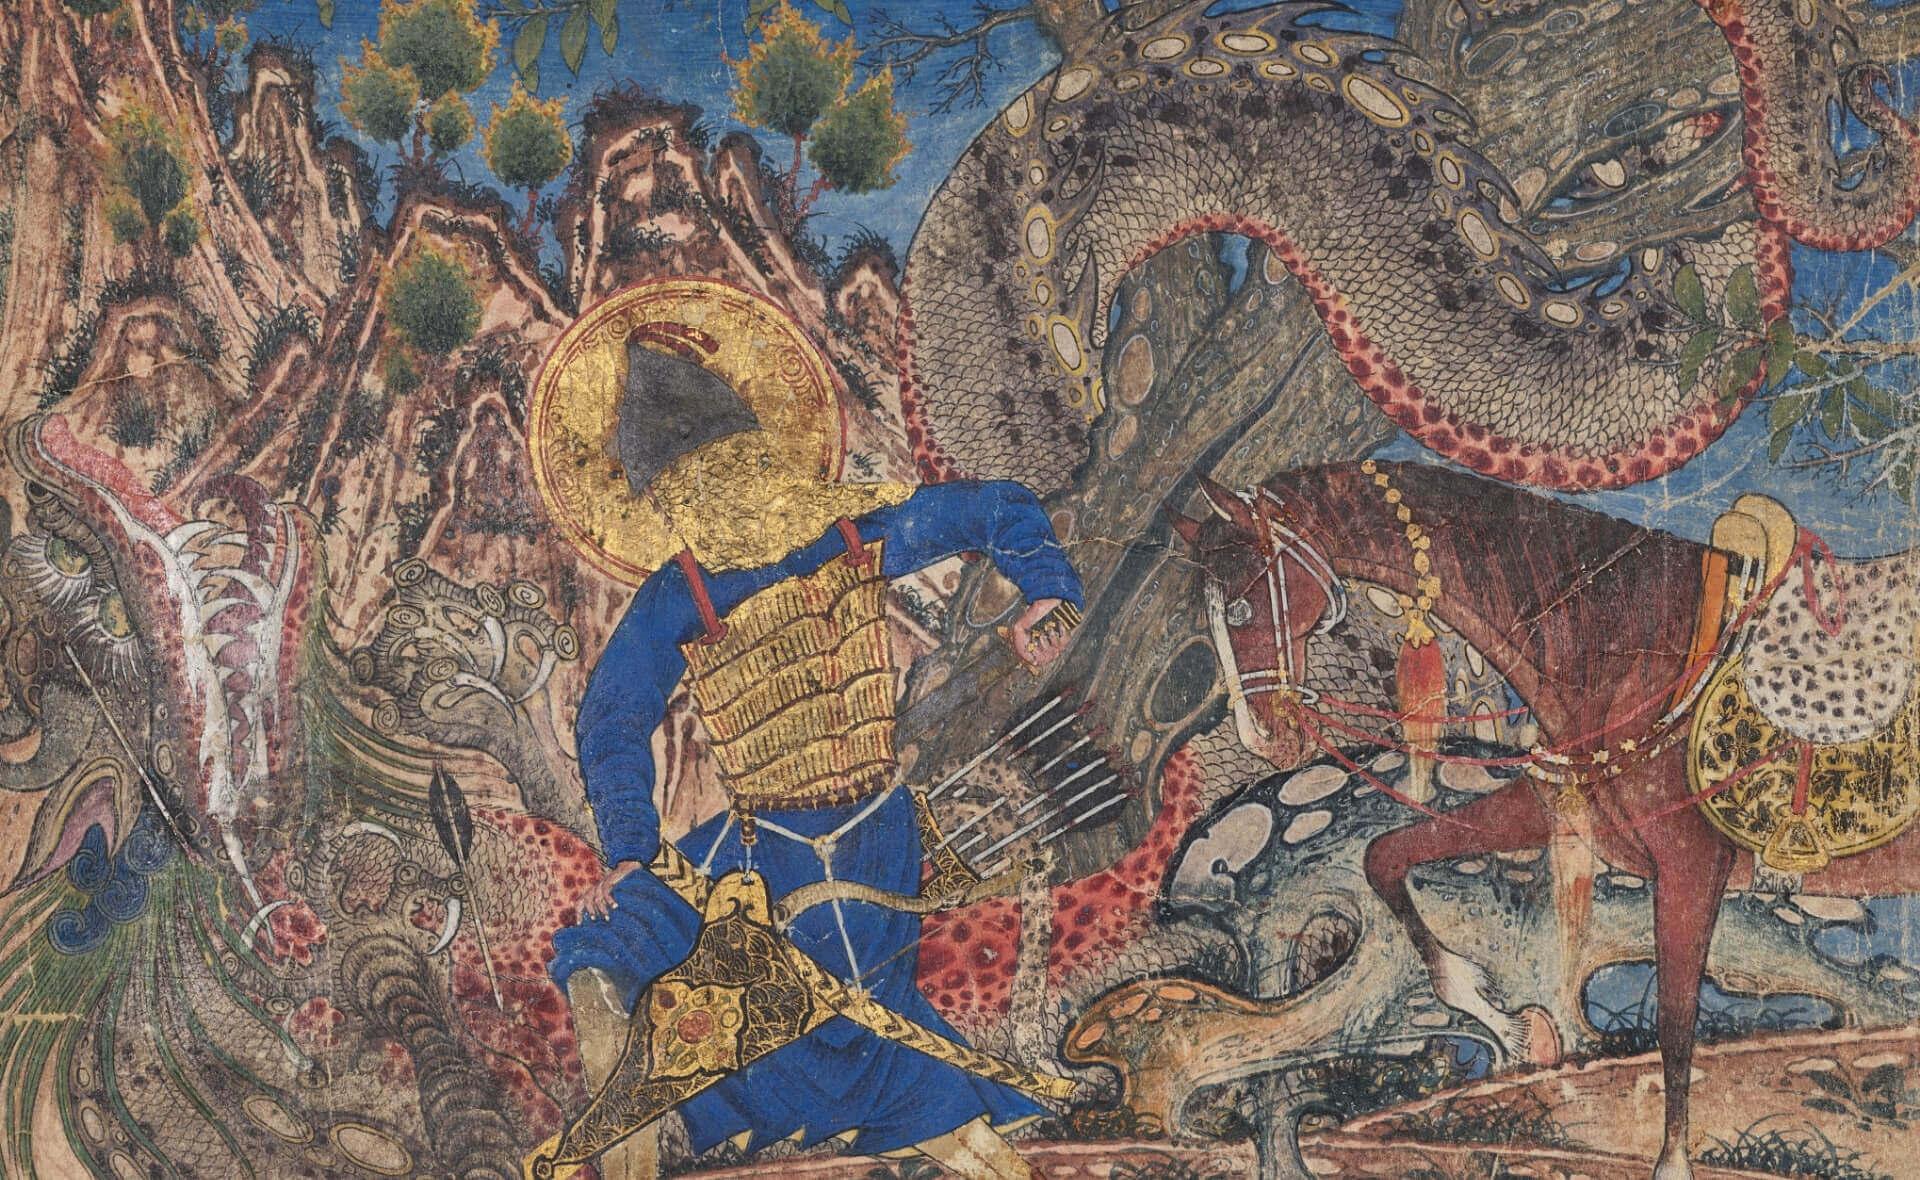 Бахрам Гур убивает дракона (verso) из Шахнамы (книги царей) Фирдауси (940-1019 или 1025), известной как Великая Монгольская Шахнама, любезно предоставленная Кливлендским Музеем искусств.